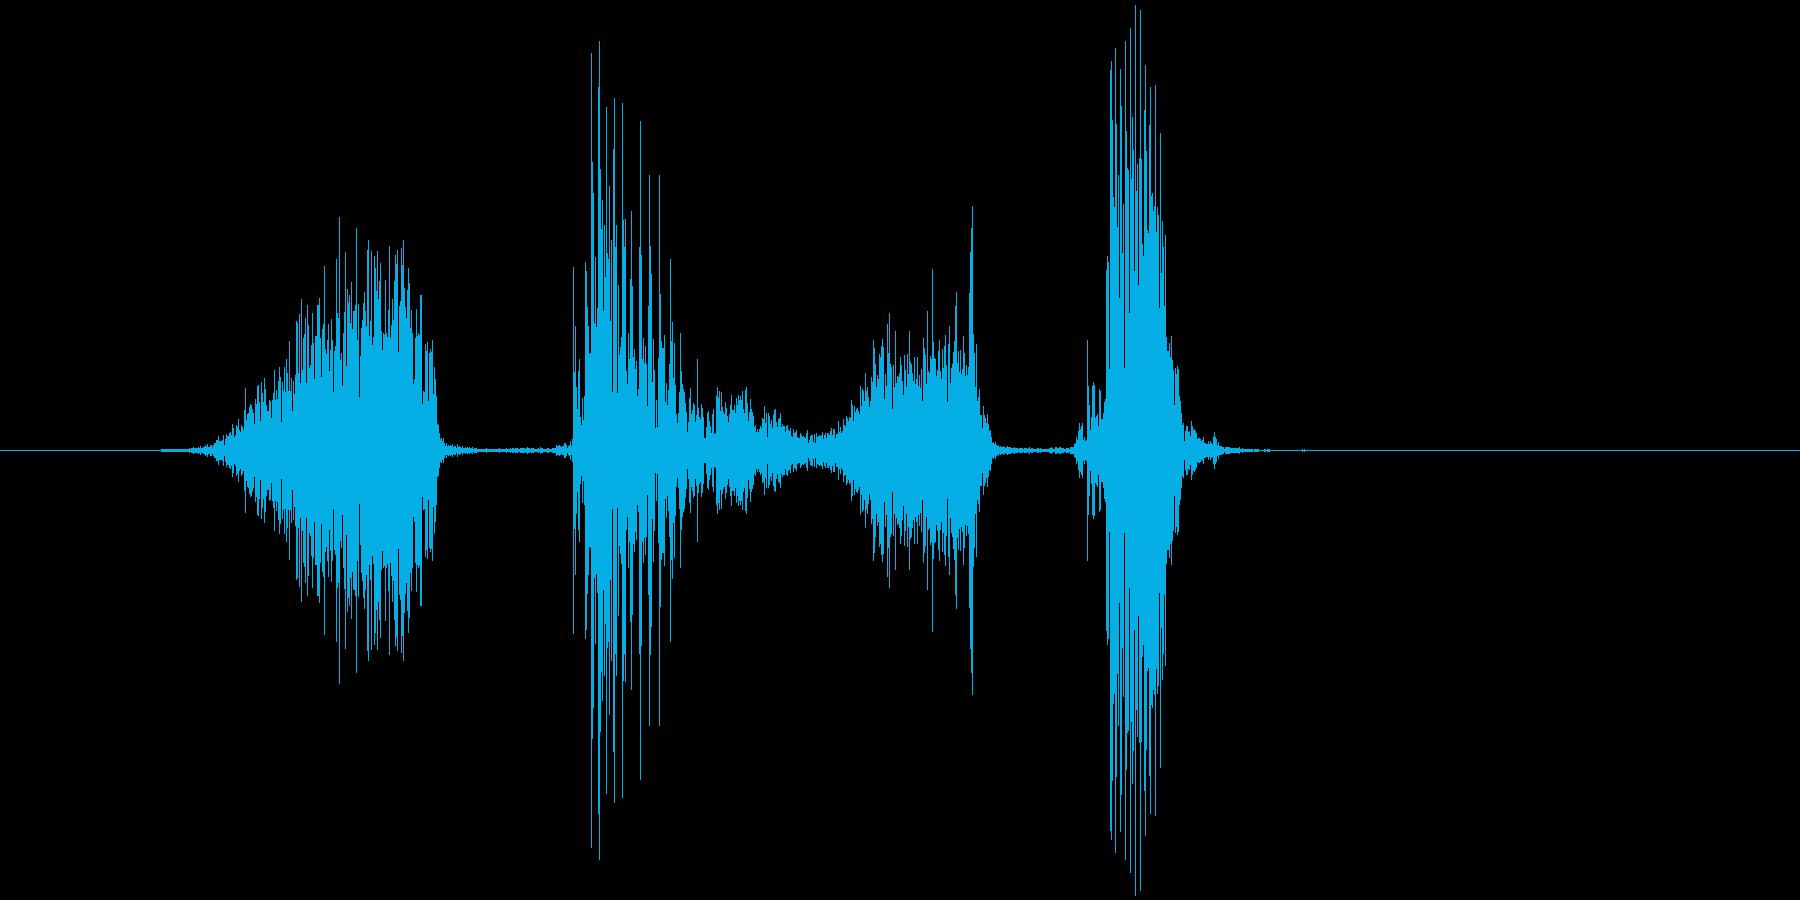 「スタスタ」の再生済みの波形